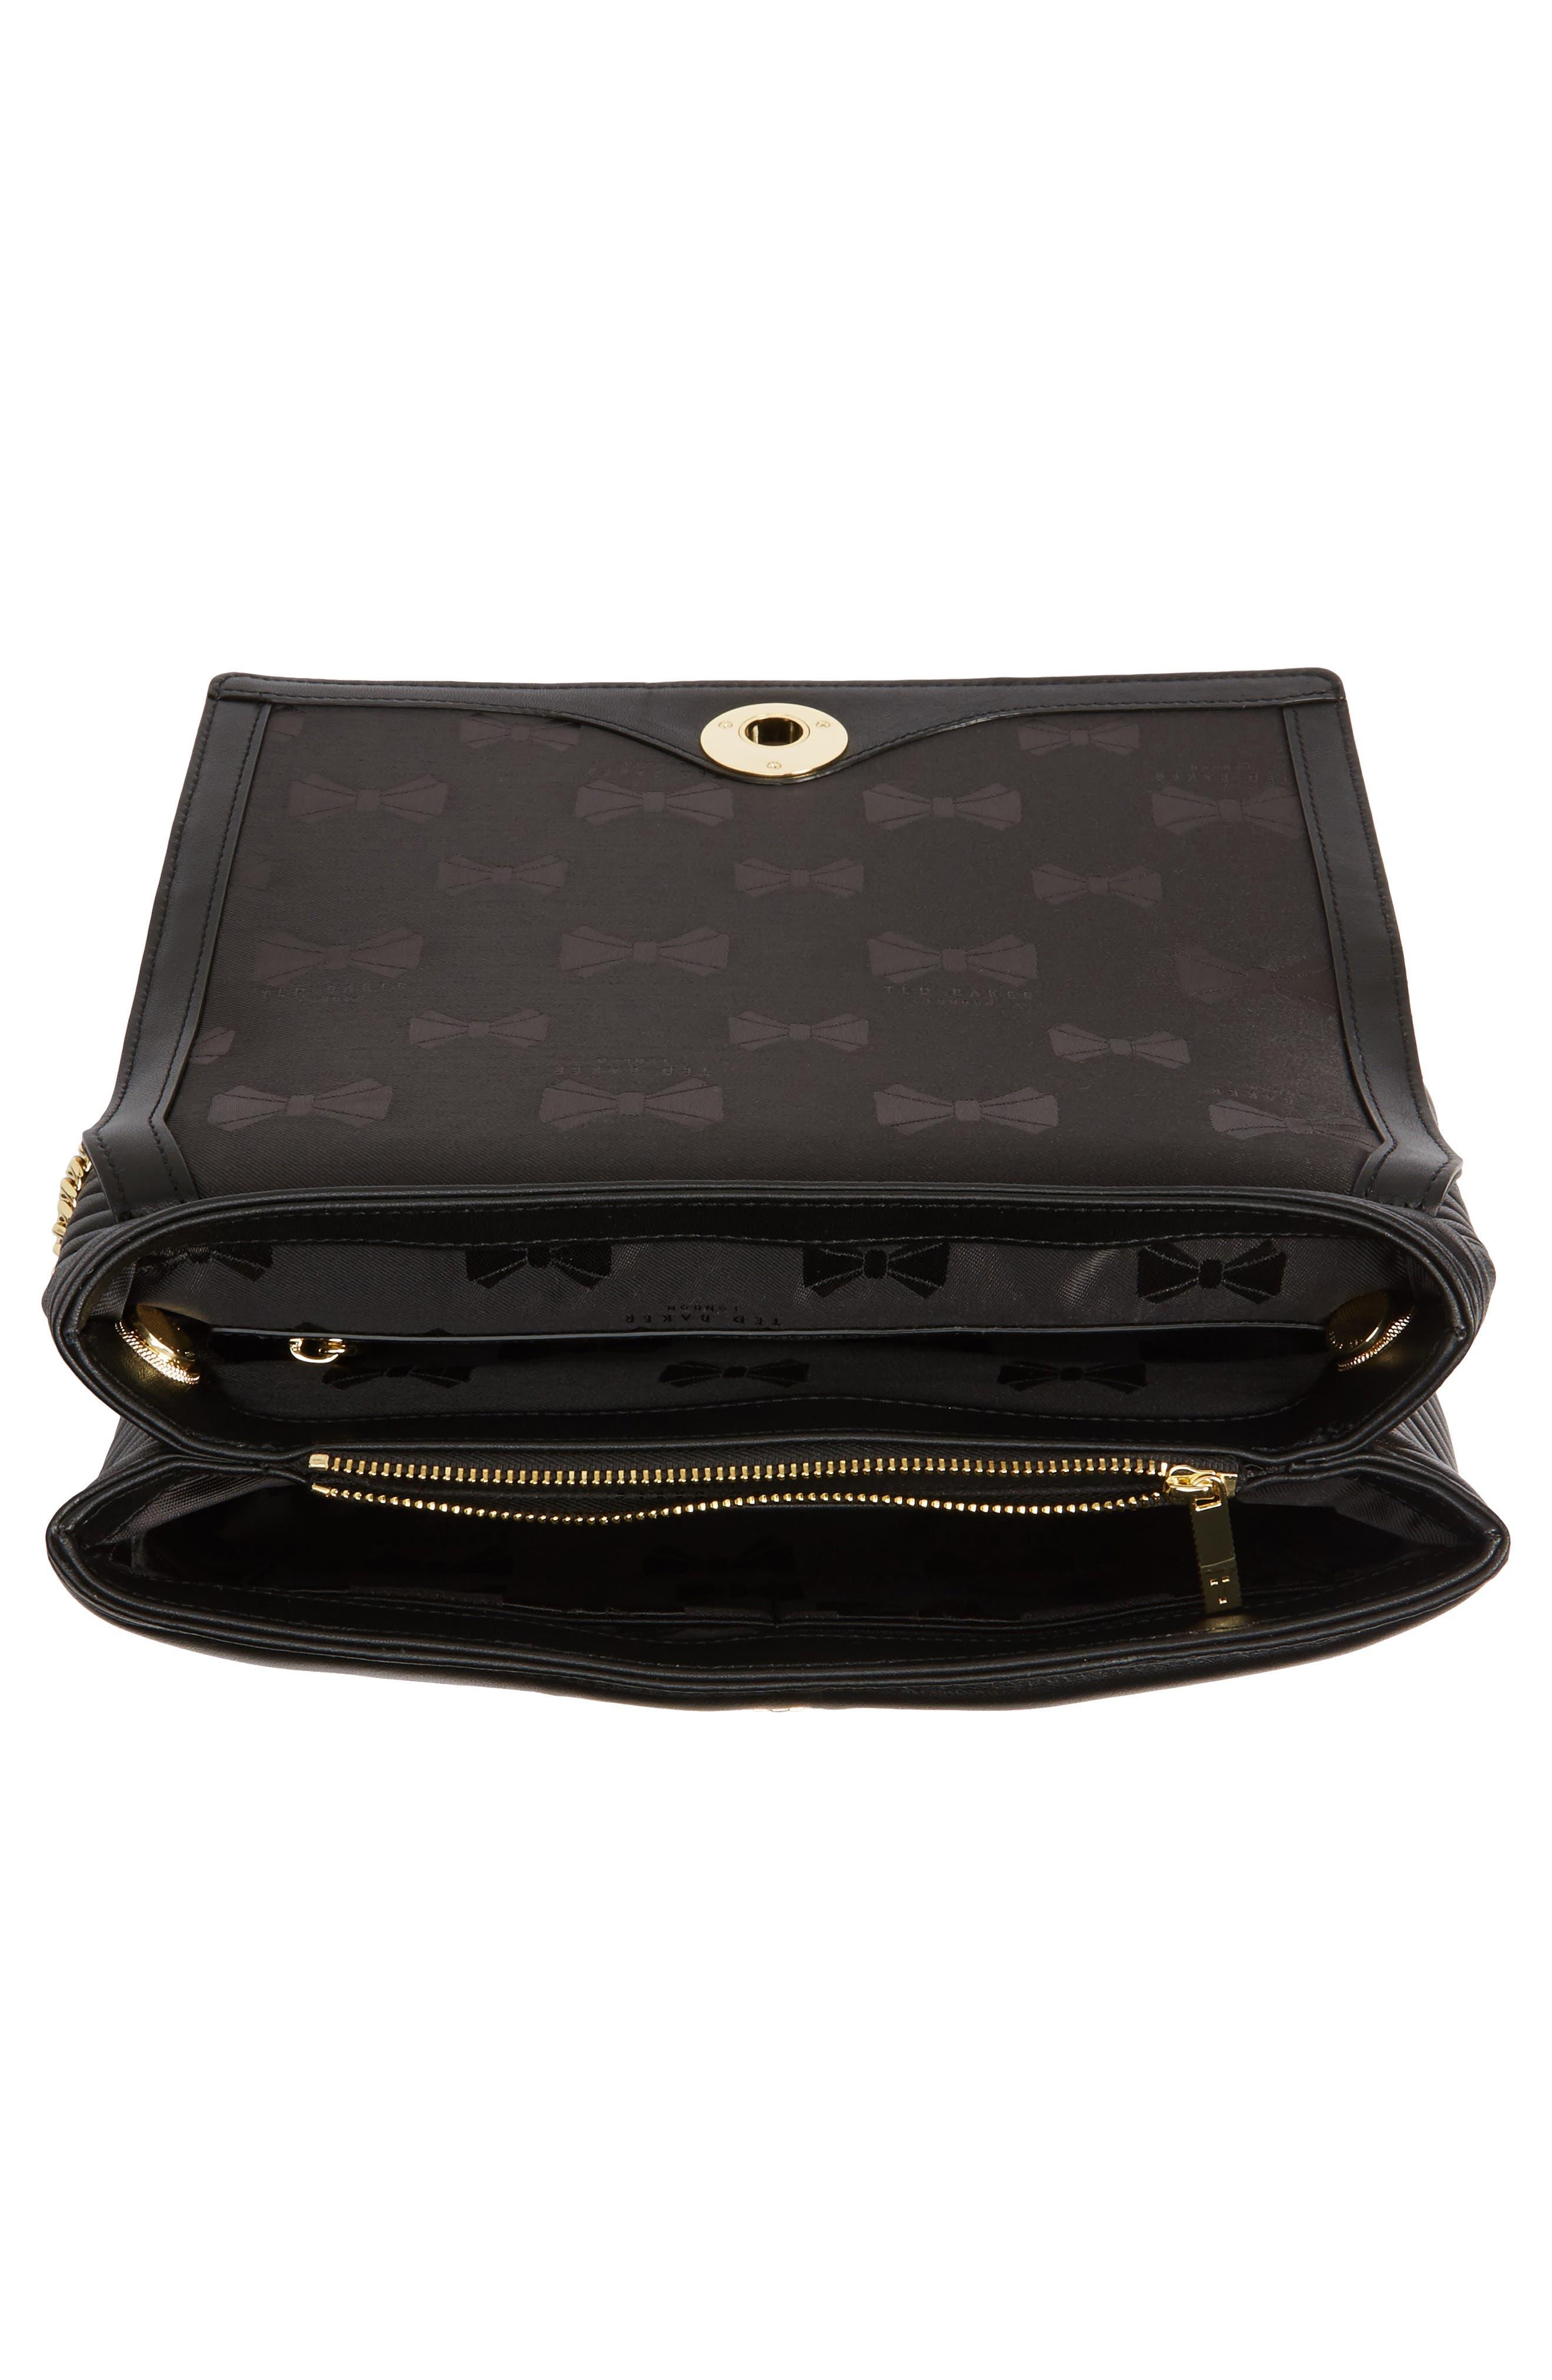 Vivida Quilted Leather Shoulder Bag,                             Alternate thumbnail 3, color,                             Black